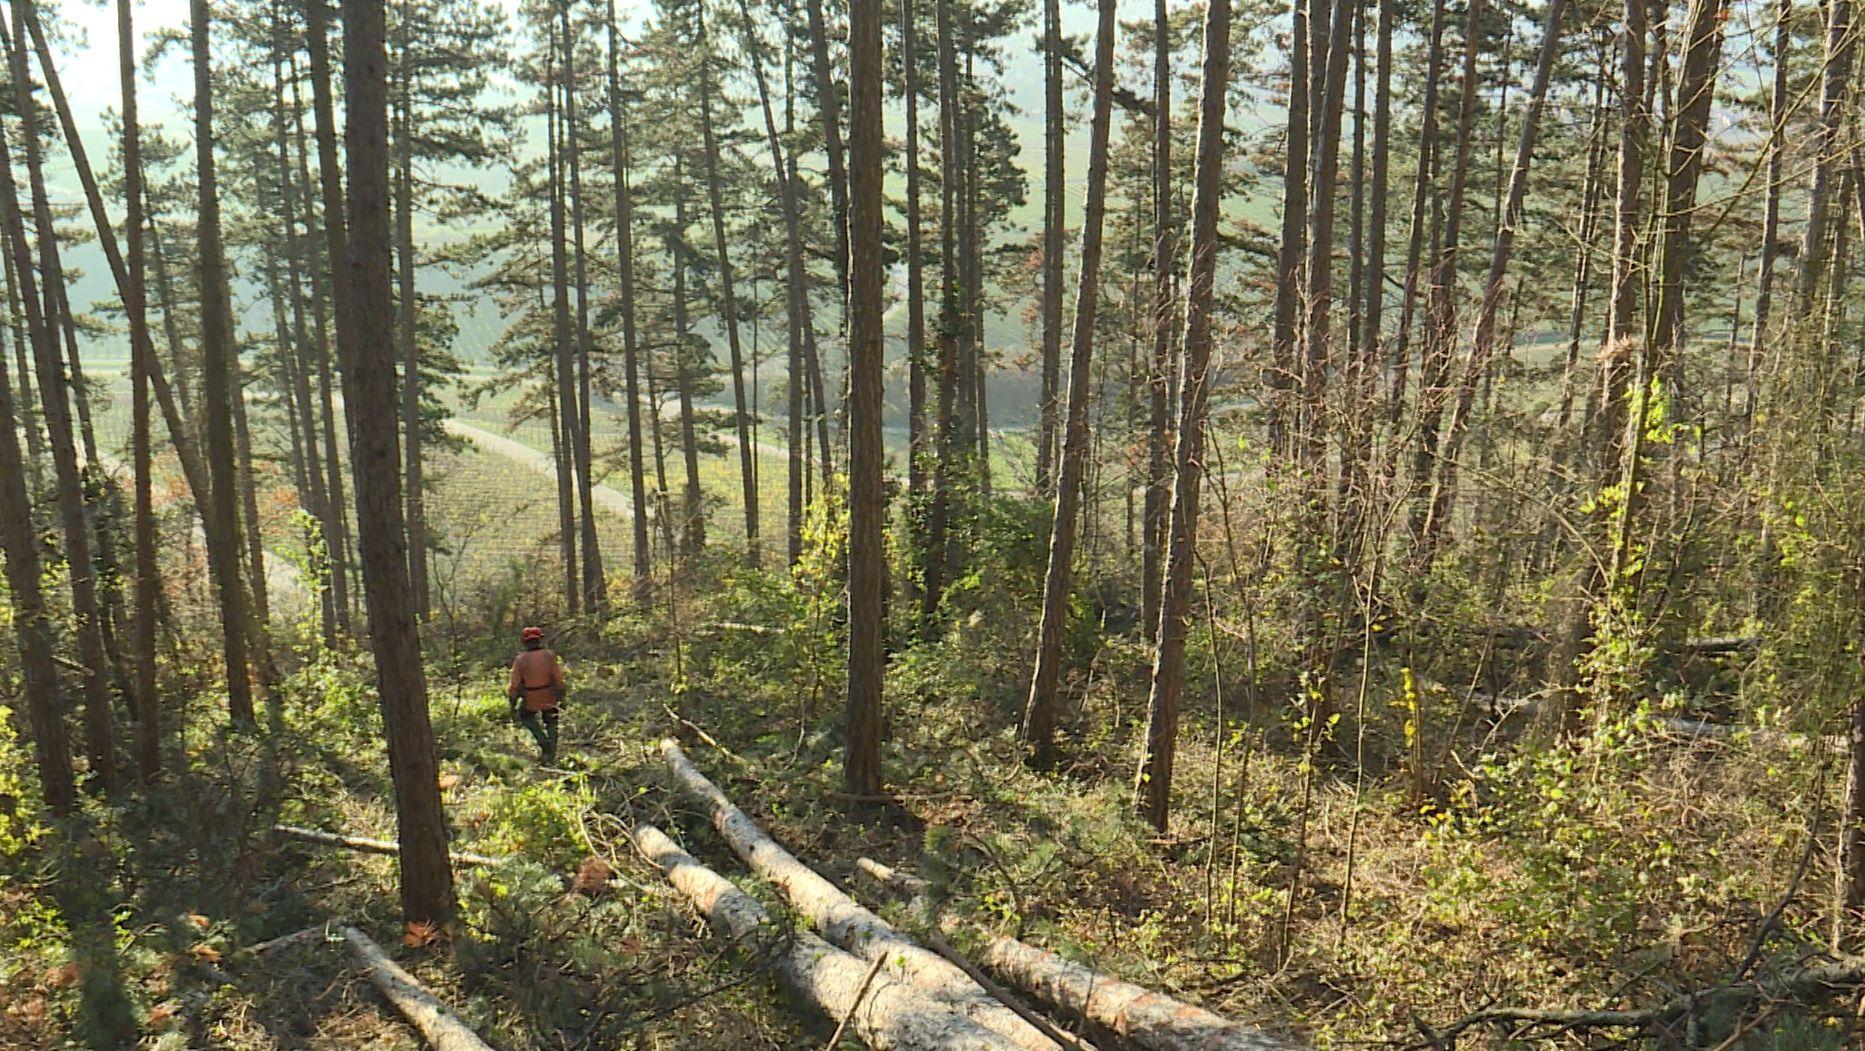 Schwanberg: 500 tote Schwarzkiefern aus Steilhang gezogen